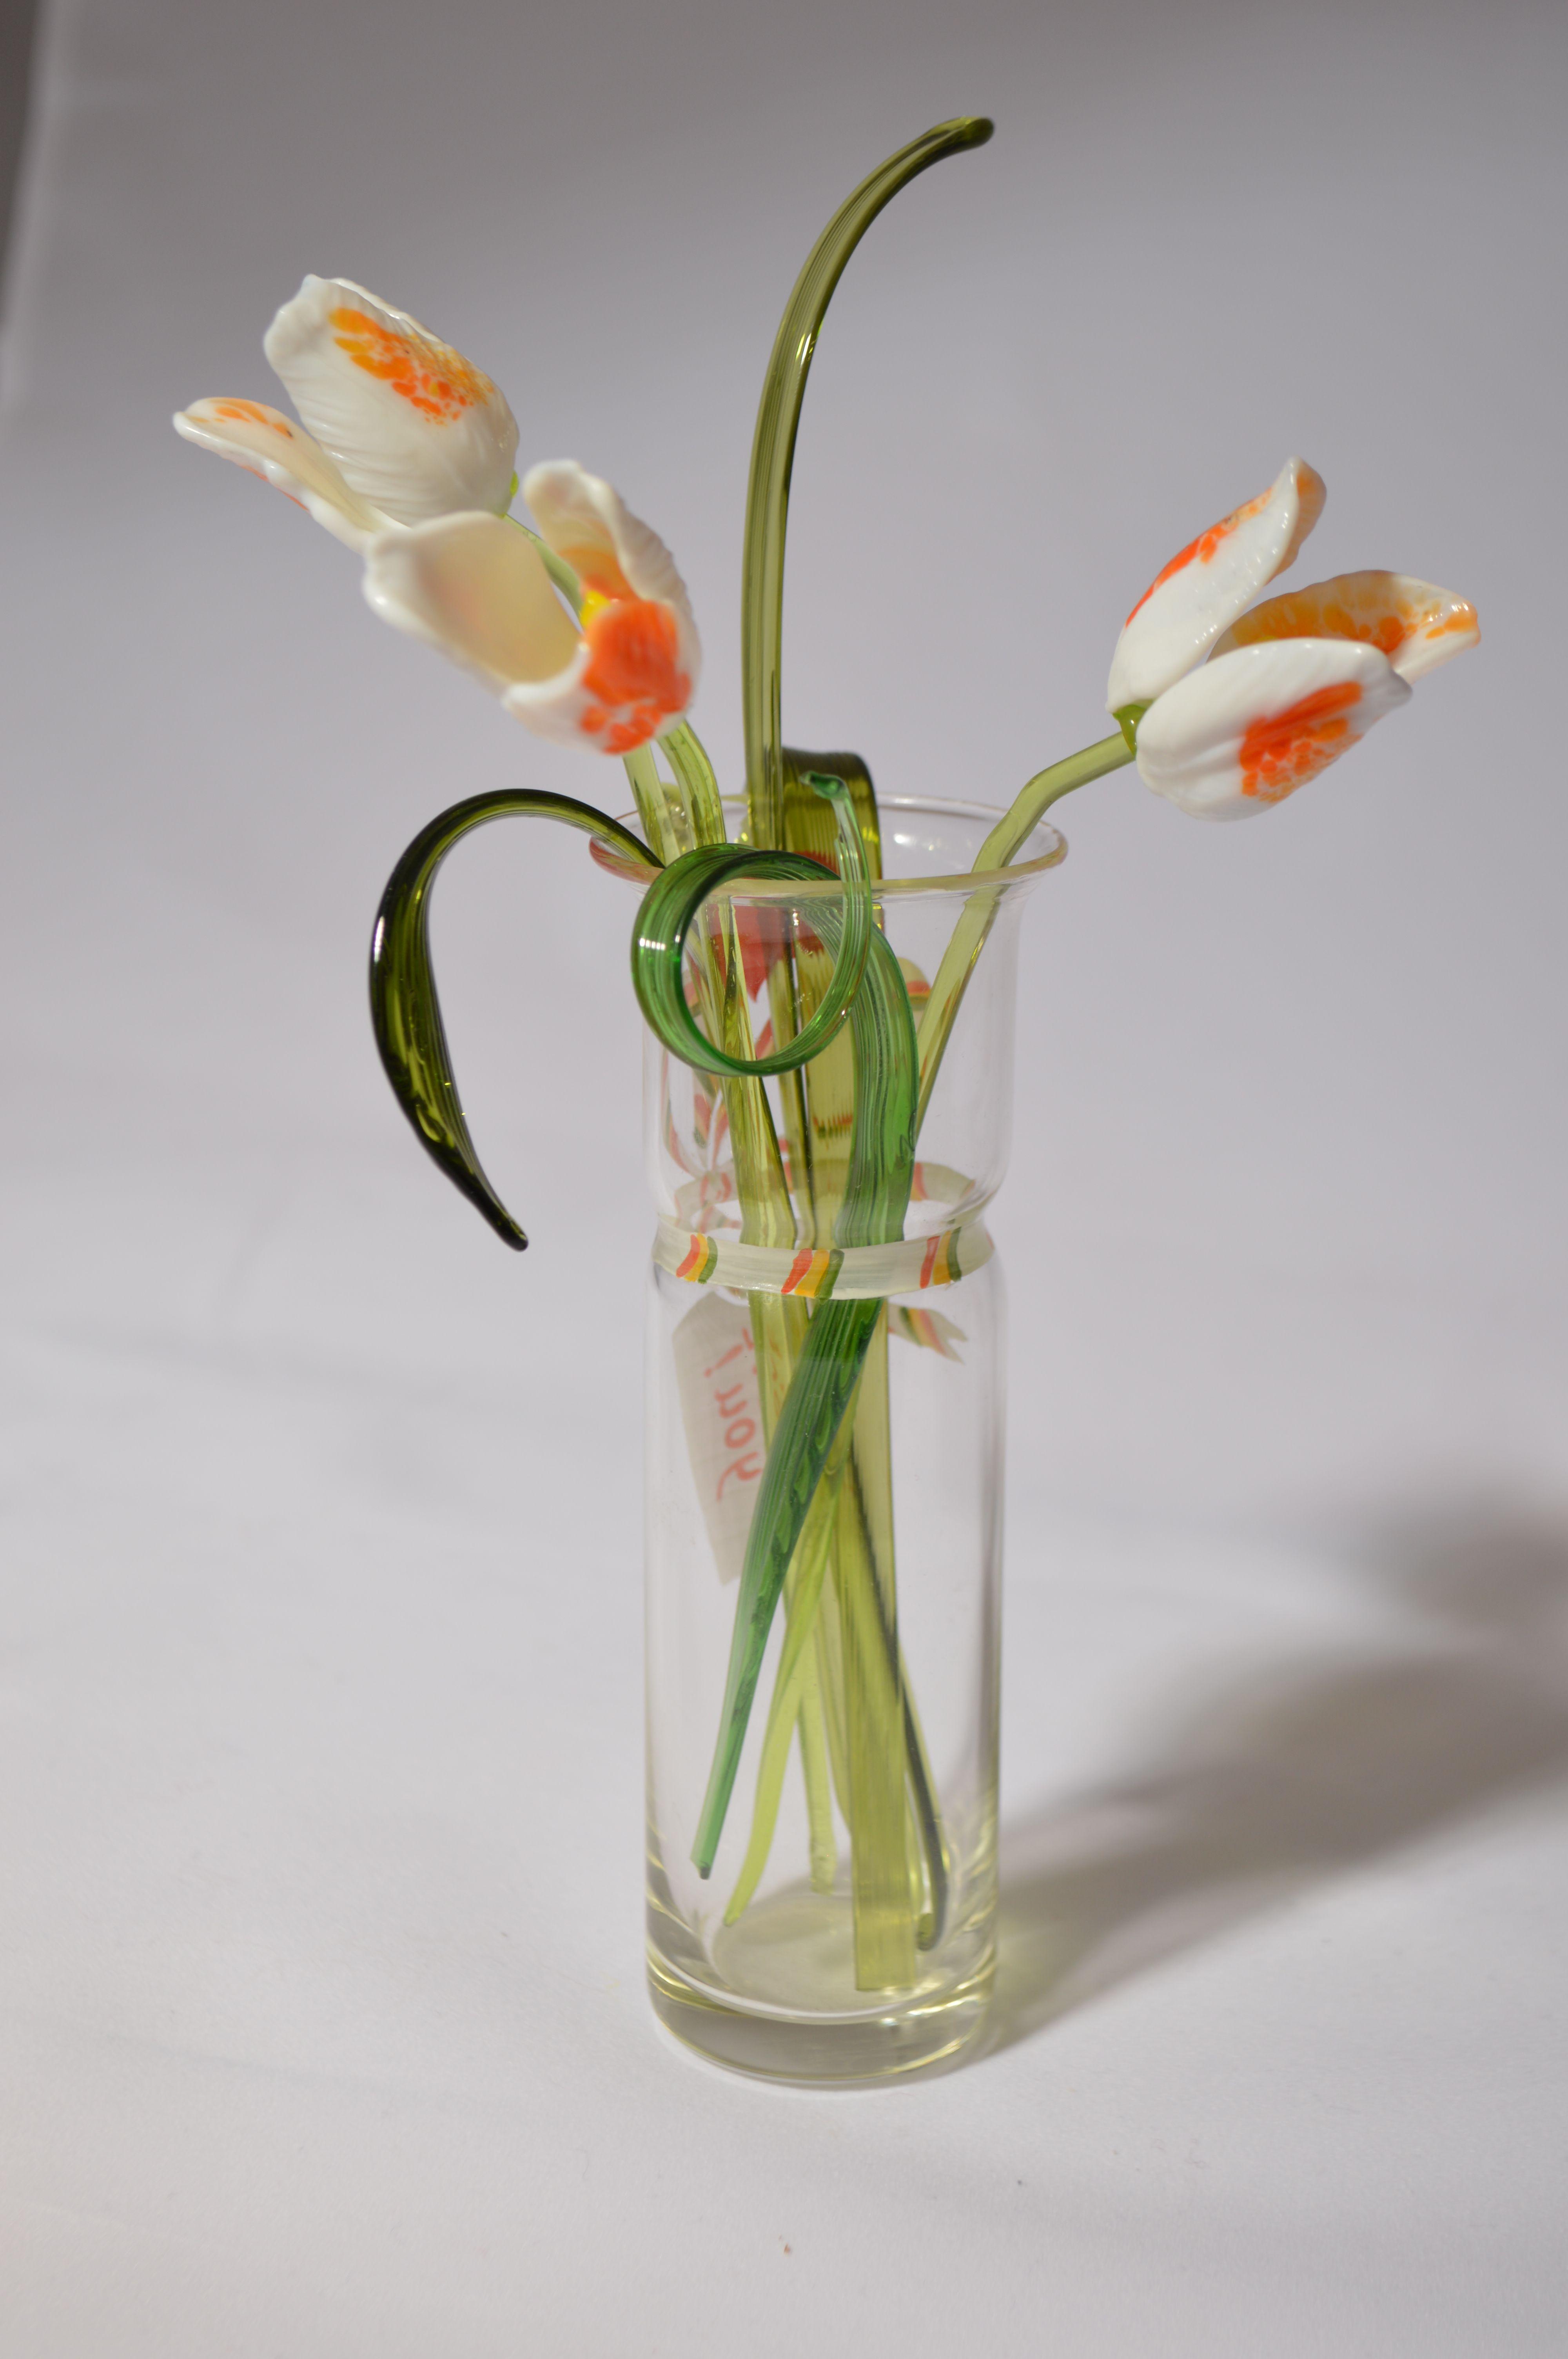 Букет 3 из трех тюльпанов в вазочке, цветное стекло от Ravta